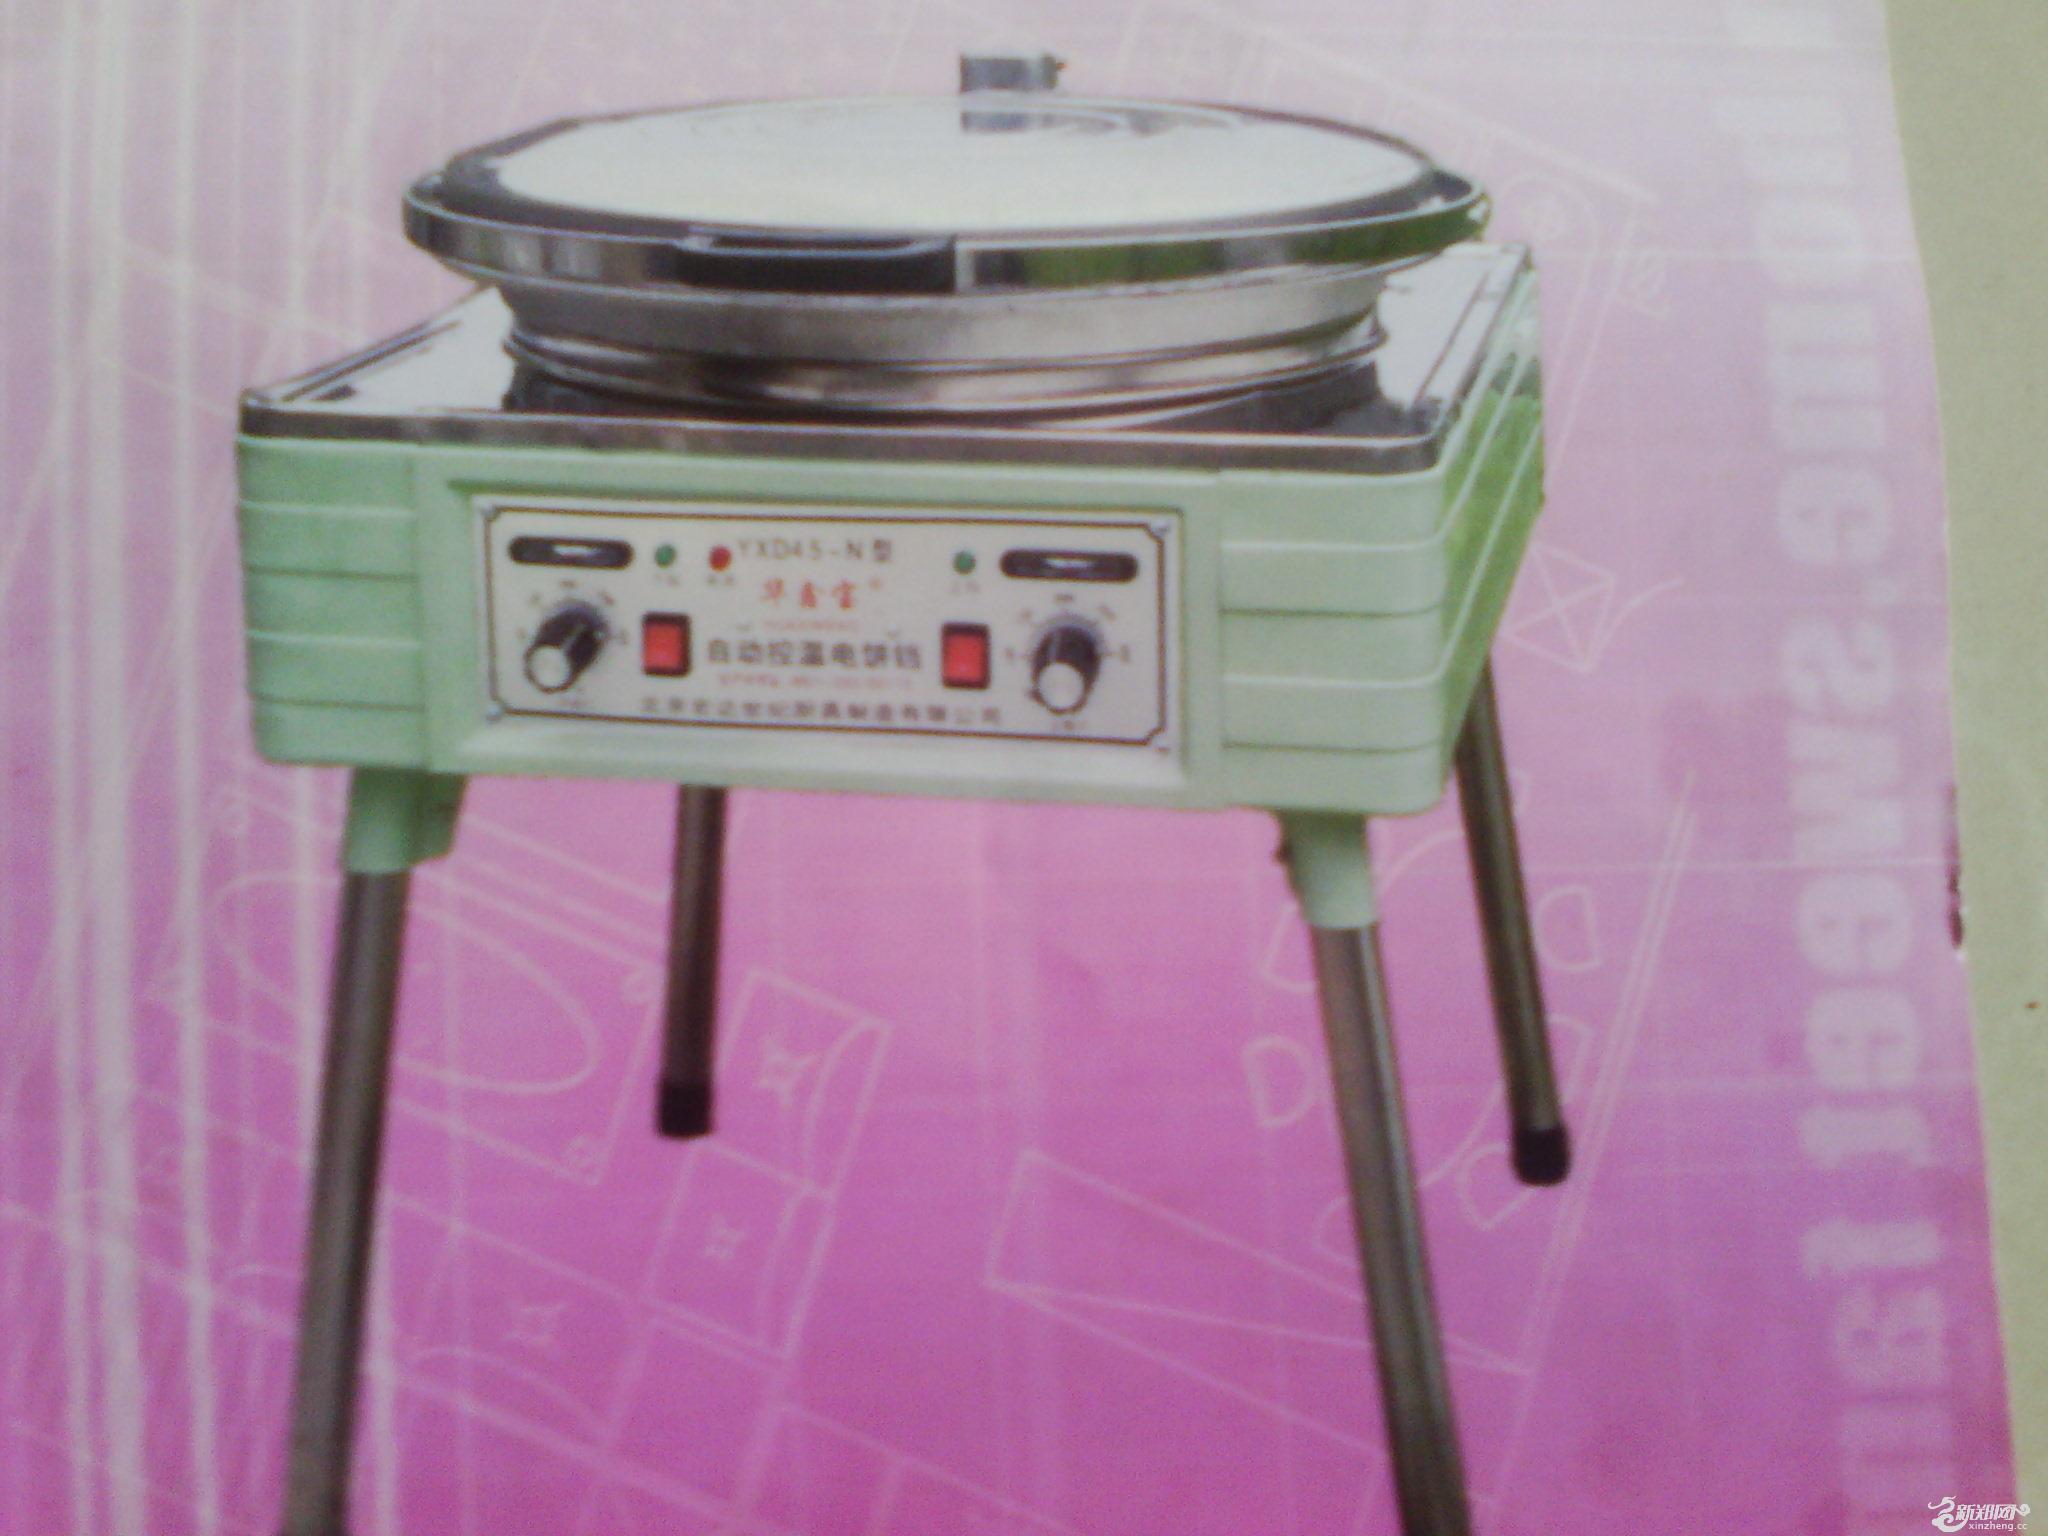 yxd45/ycd25型自动控温电饼铛